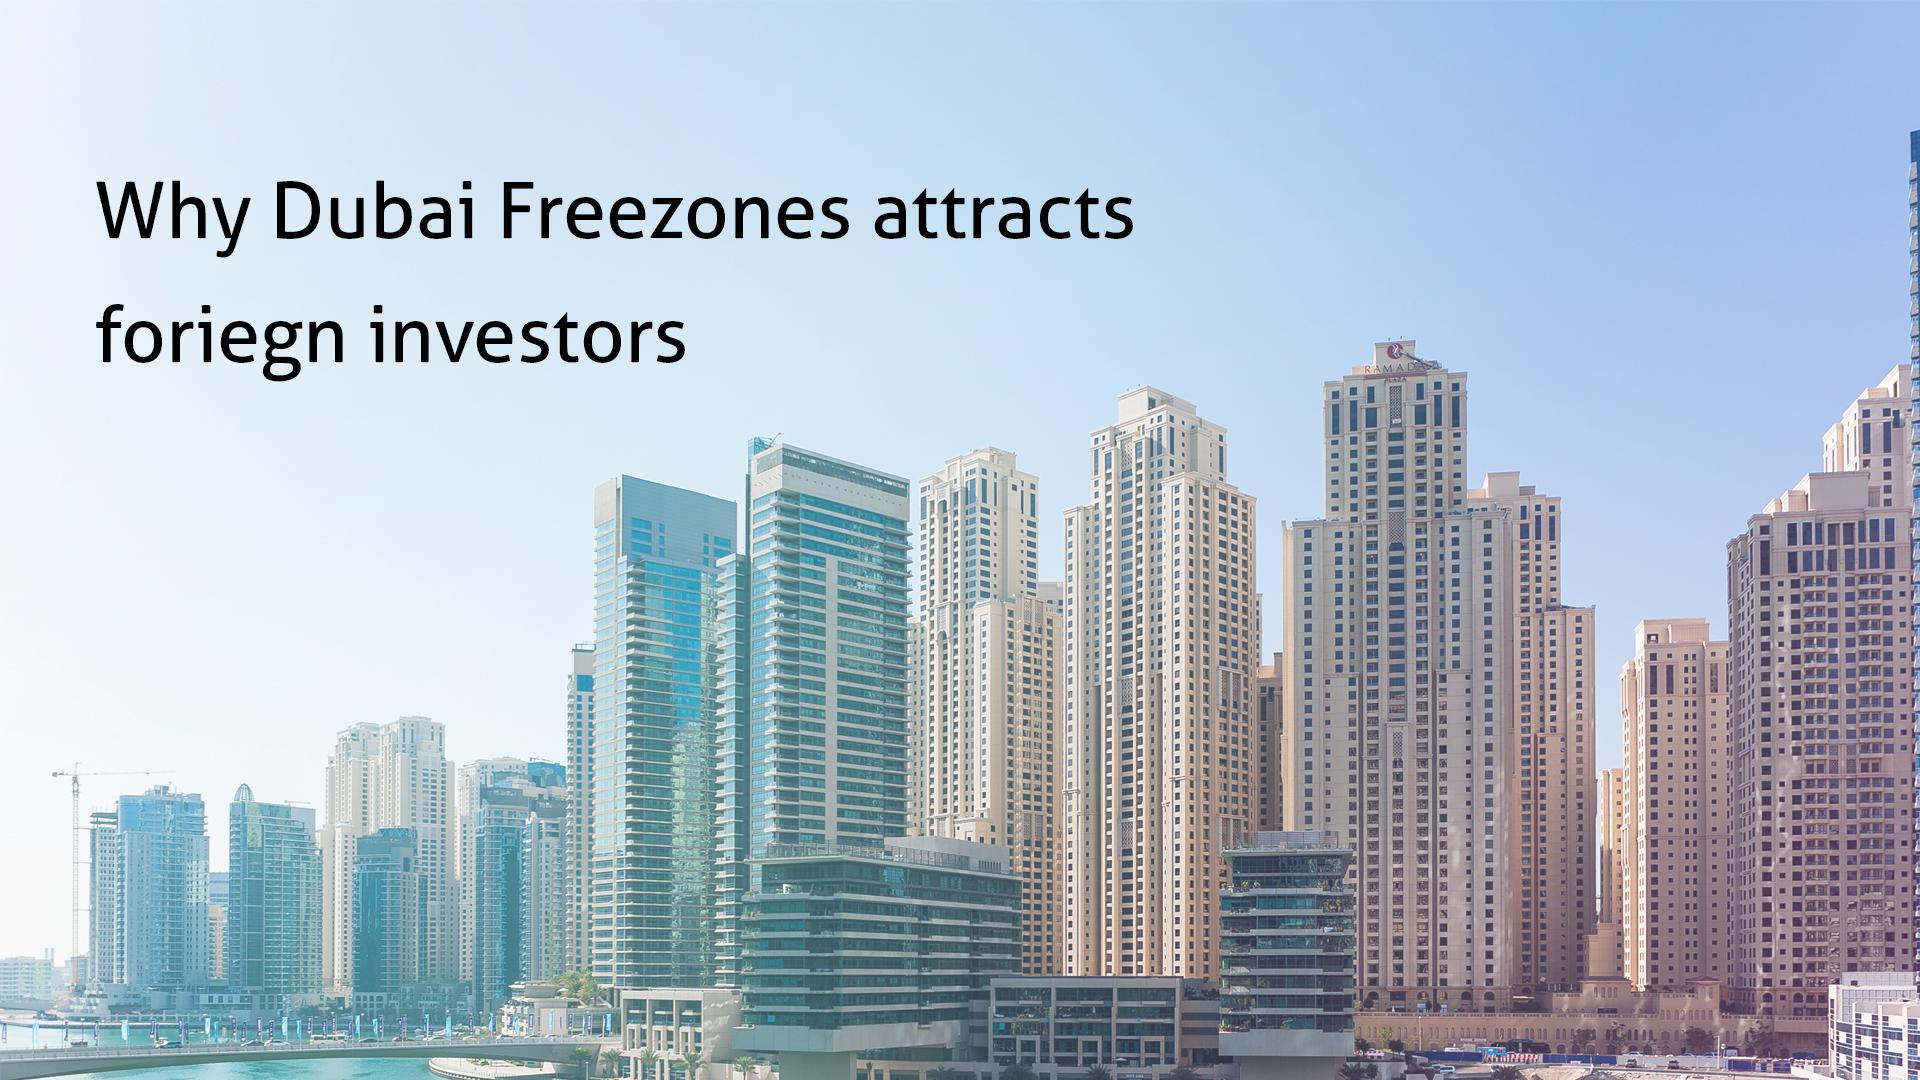 Why Dubai Freezones attracts foriegn investors